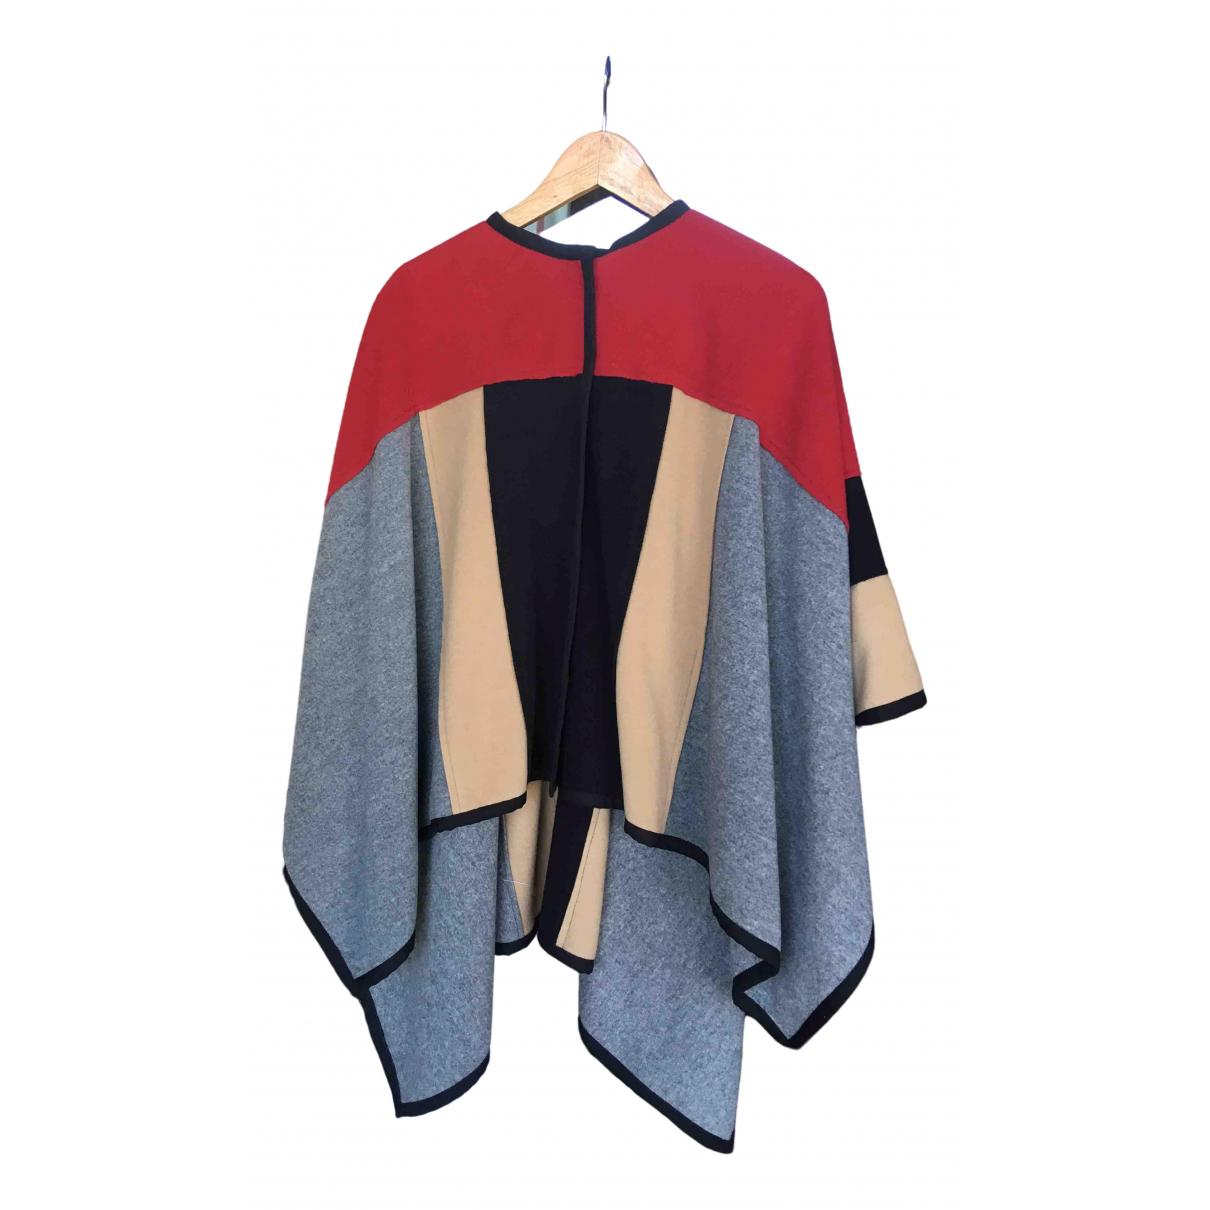 Ikks \N Multicolour Wool jacket for Women One Size FR